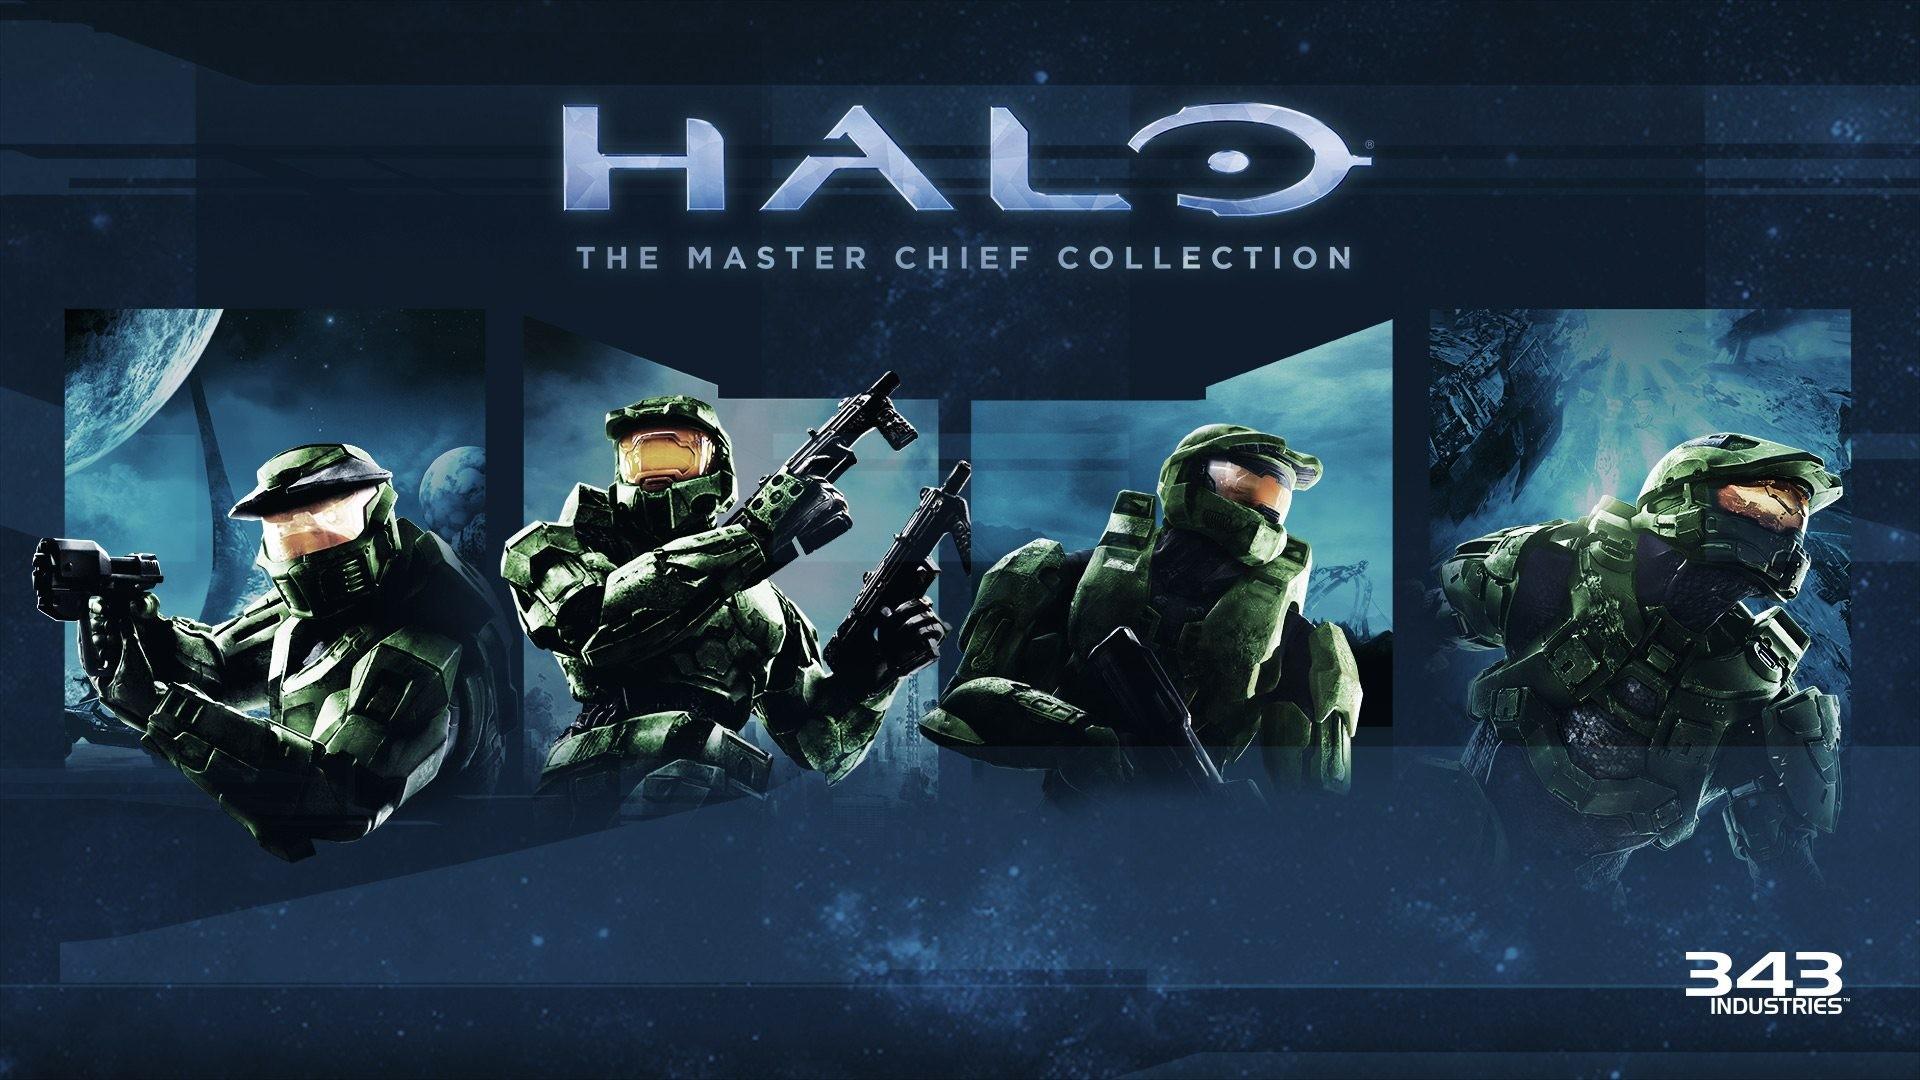 halo-master-chief-collection-wallpaper -1920×1080-ba6a1e3483ea49309b3fb8017857478f